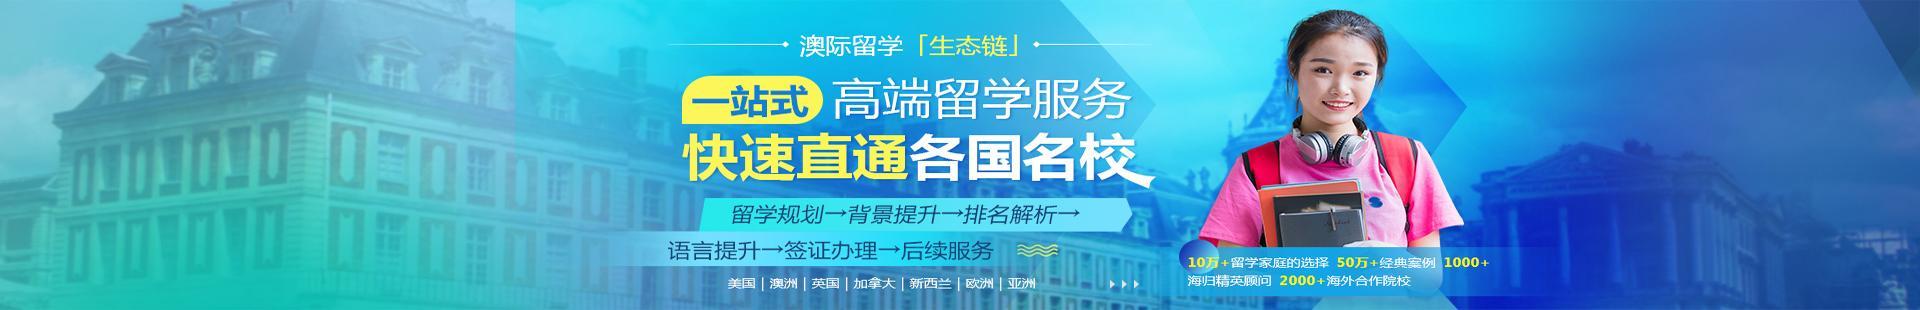 上海澳际留学